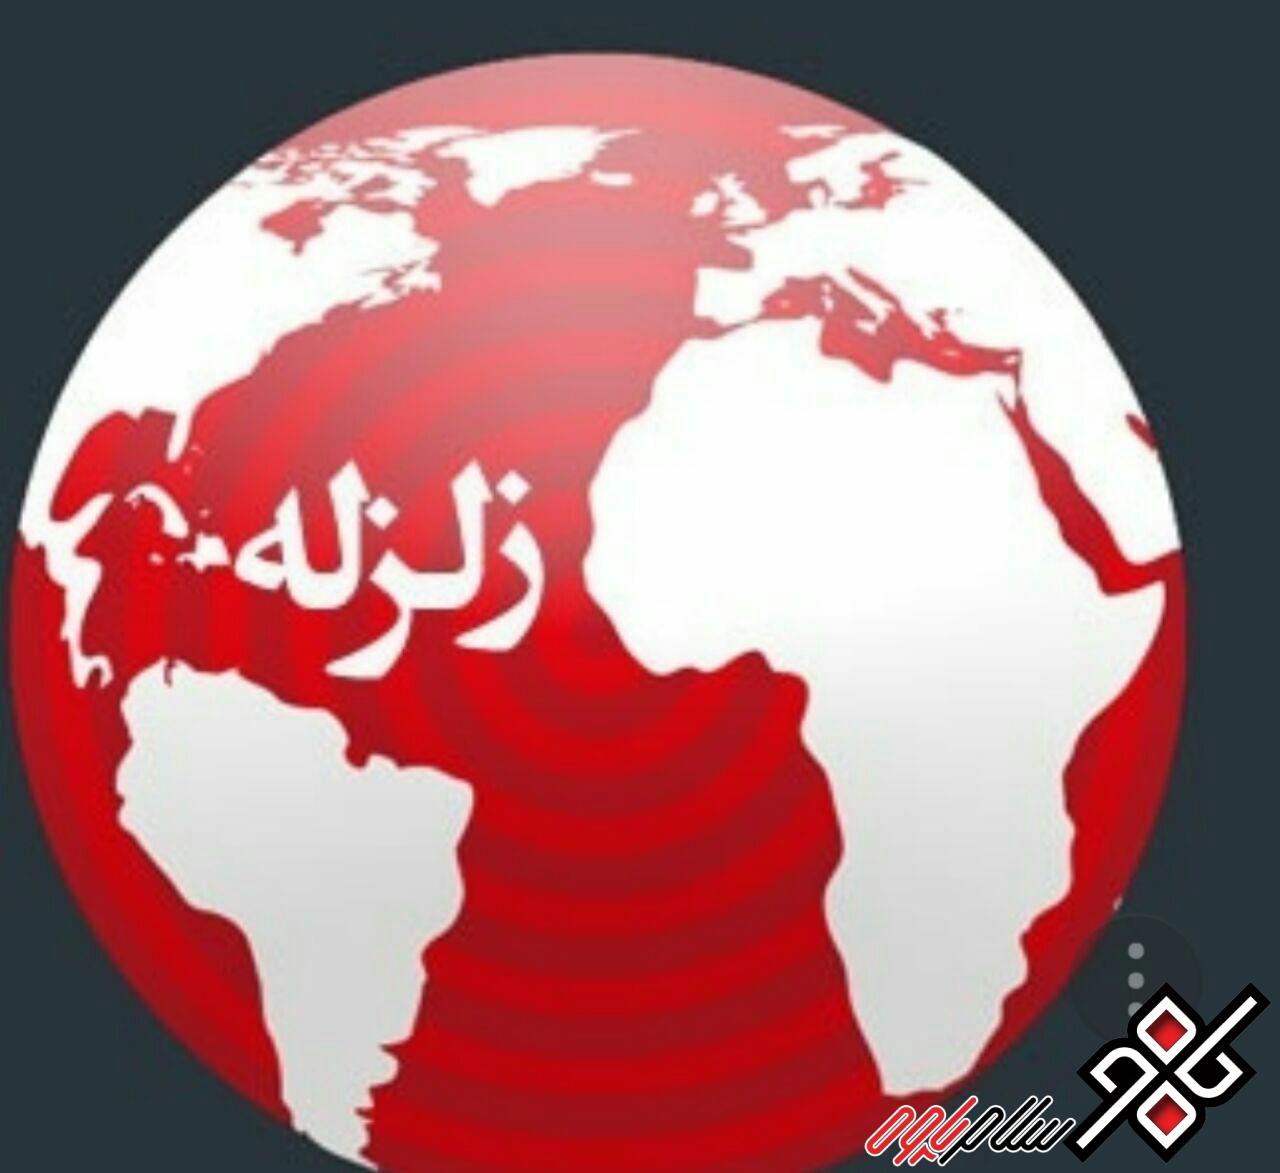 زلزله برای چهارمین روز متوالی تازه آباد کرمانشاه را لرزاند